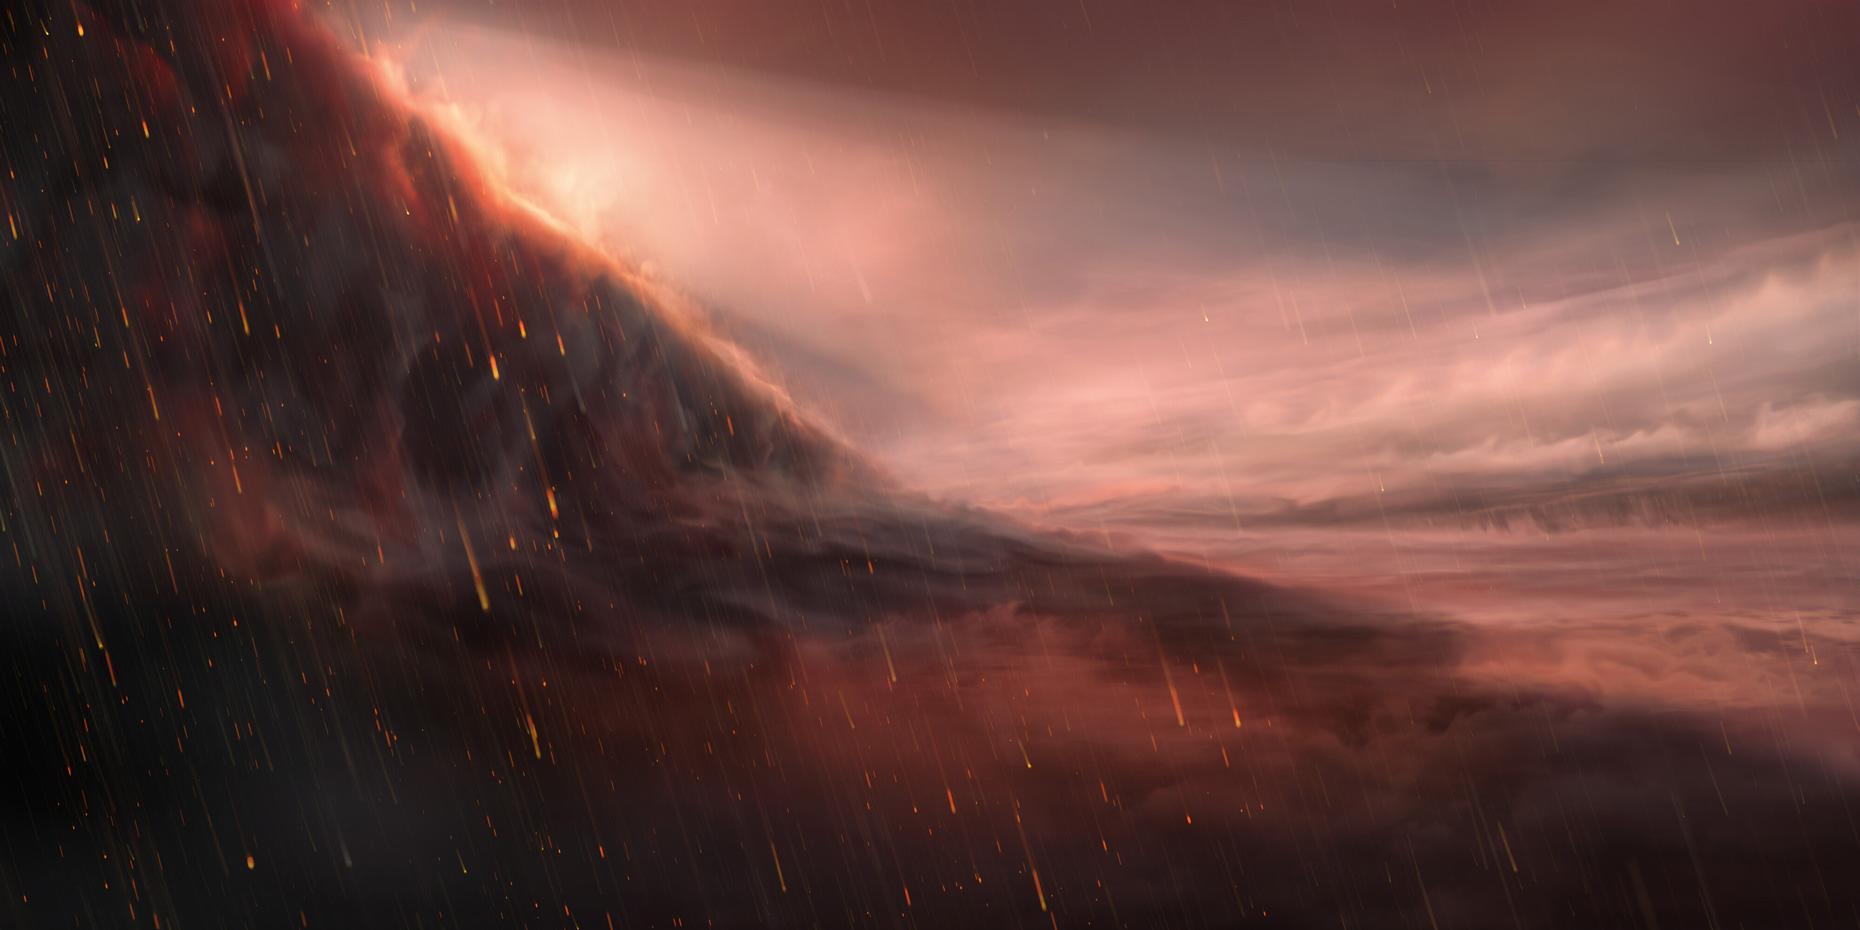 Un télescope de l'ESO observe une pluie de fer tomber à la surface d'une exoplanète